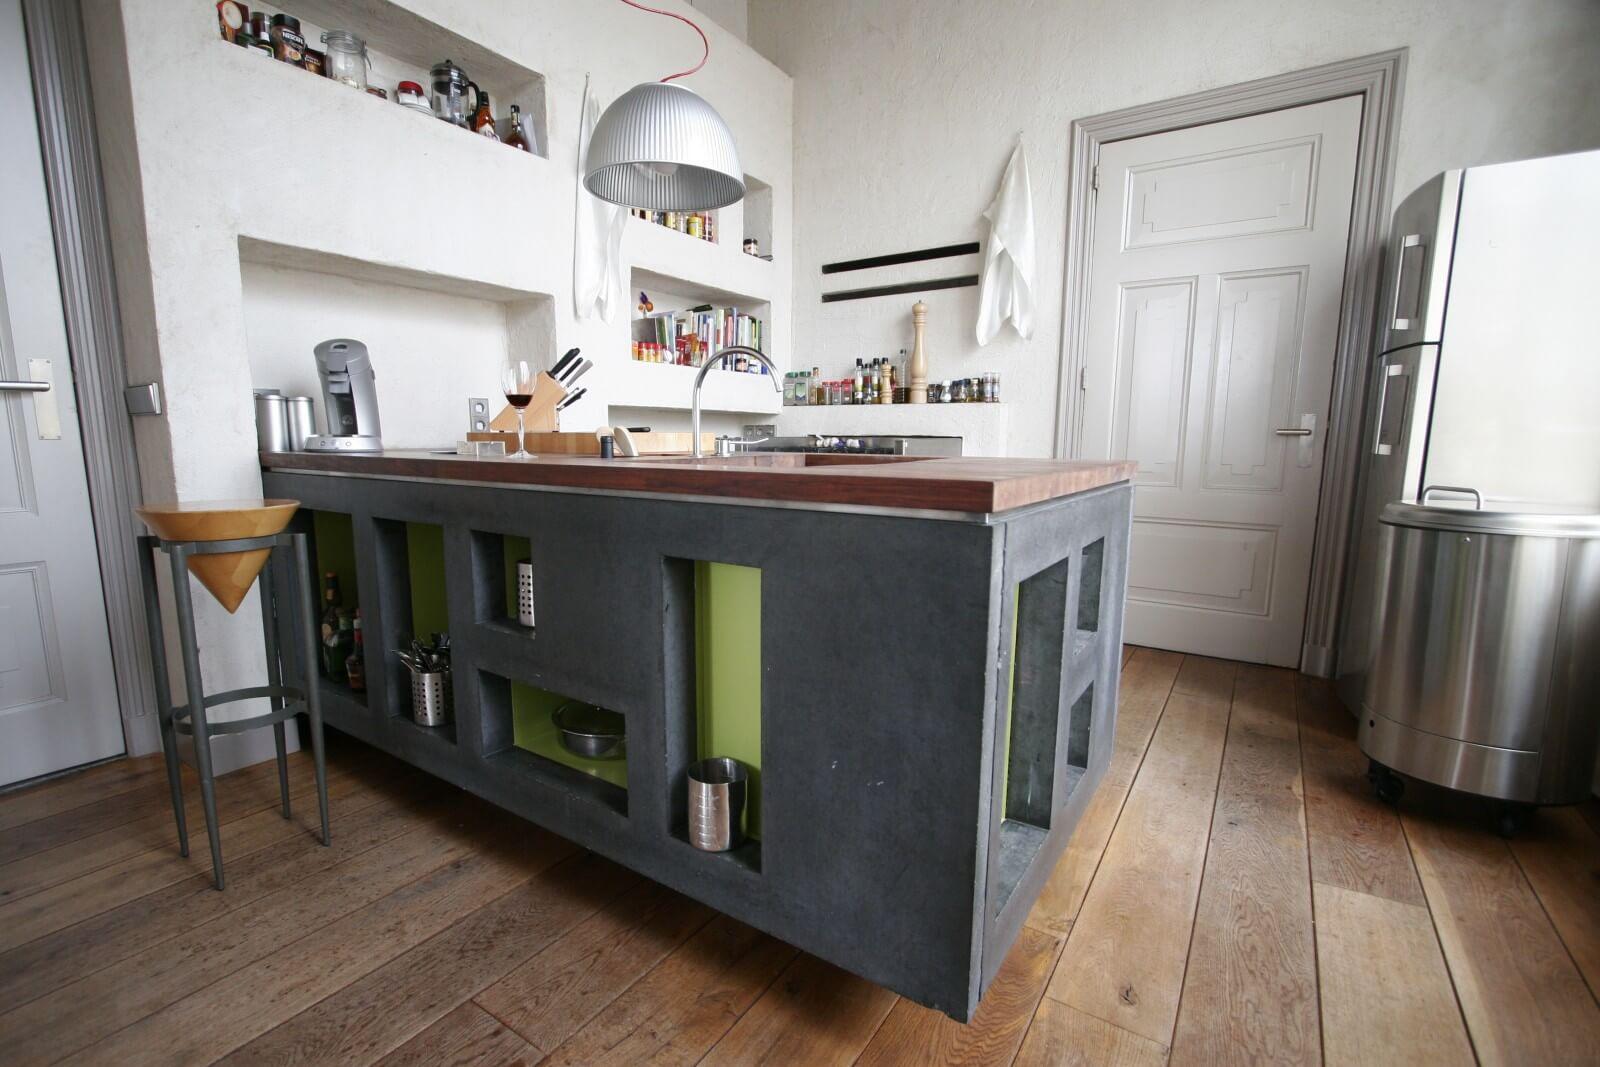 Beton Keuken Stoere : Keuken met betonblad fantastisch keuken stoer hout beton wit